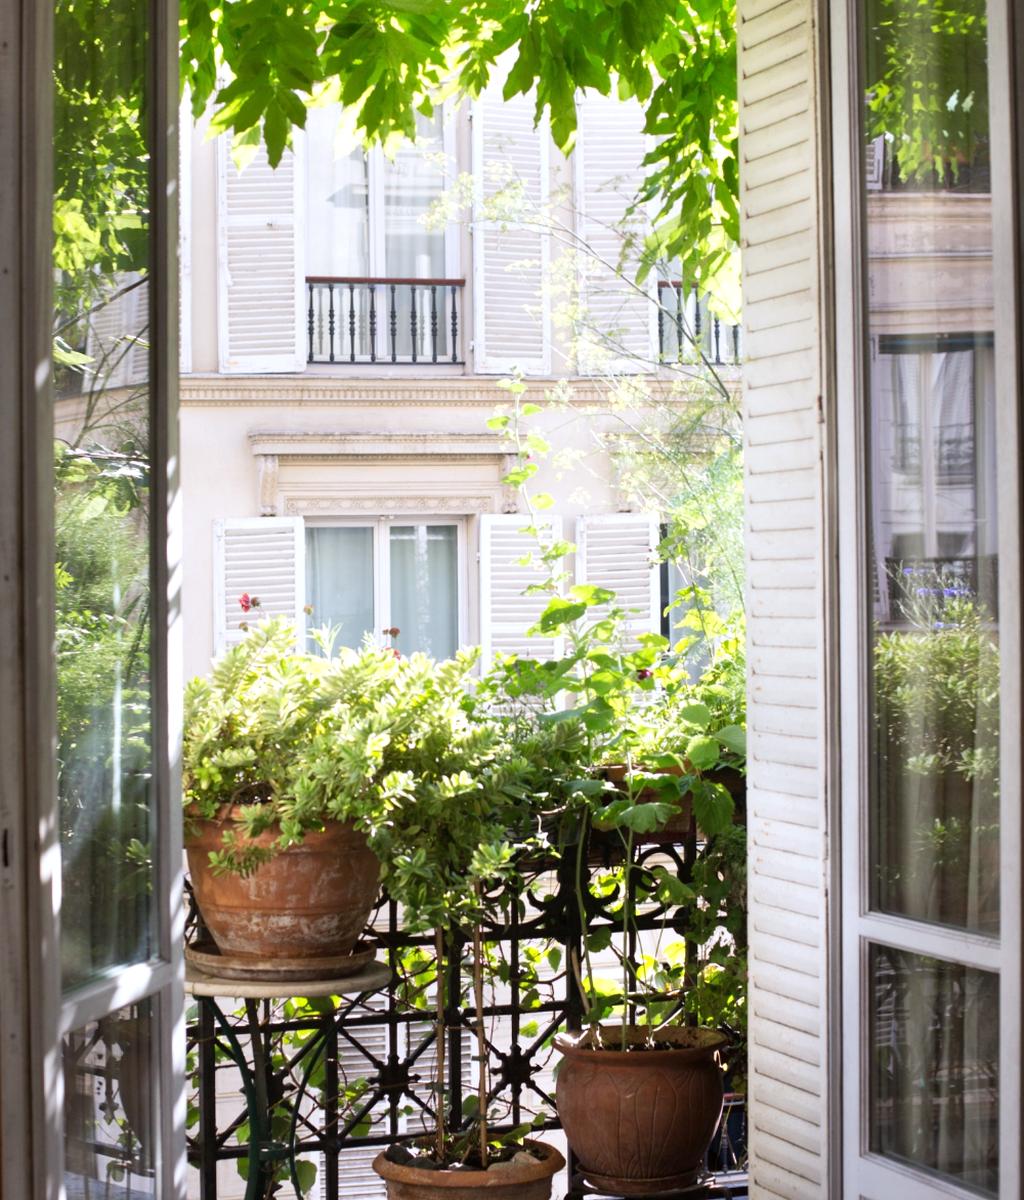 Stunning Apartment Balcony Garden Ideas Look Beautiful 17